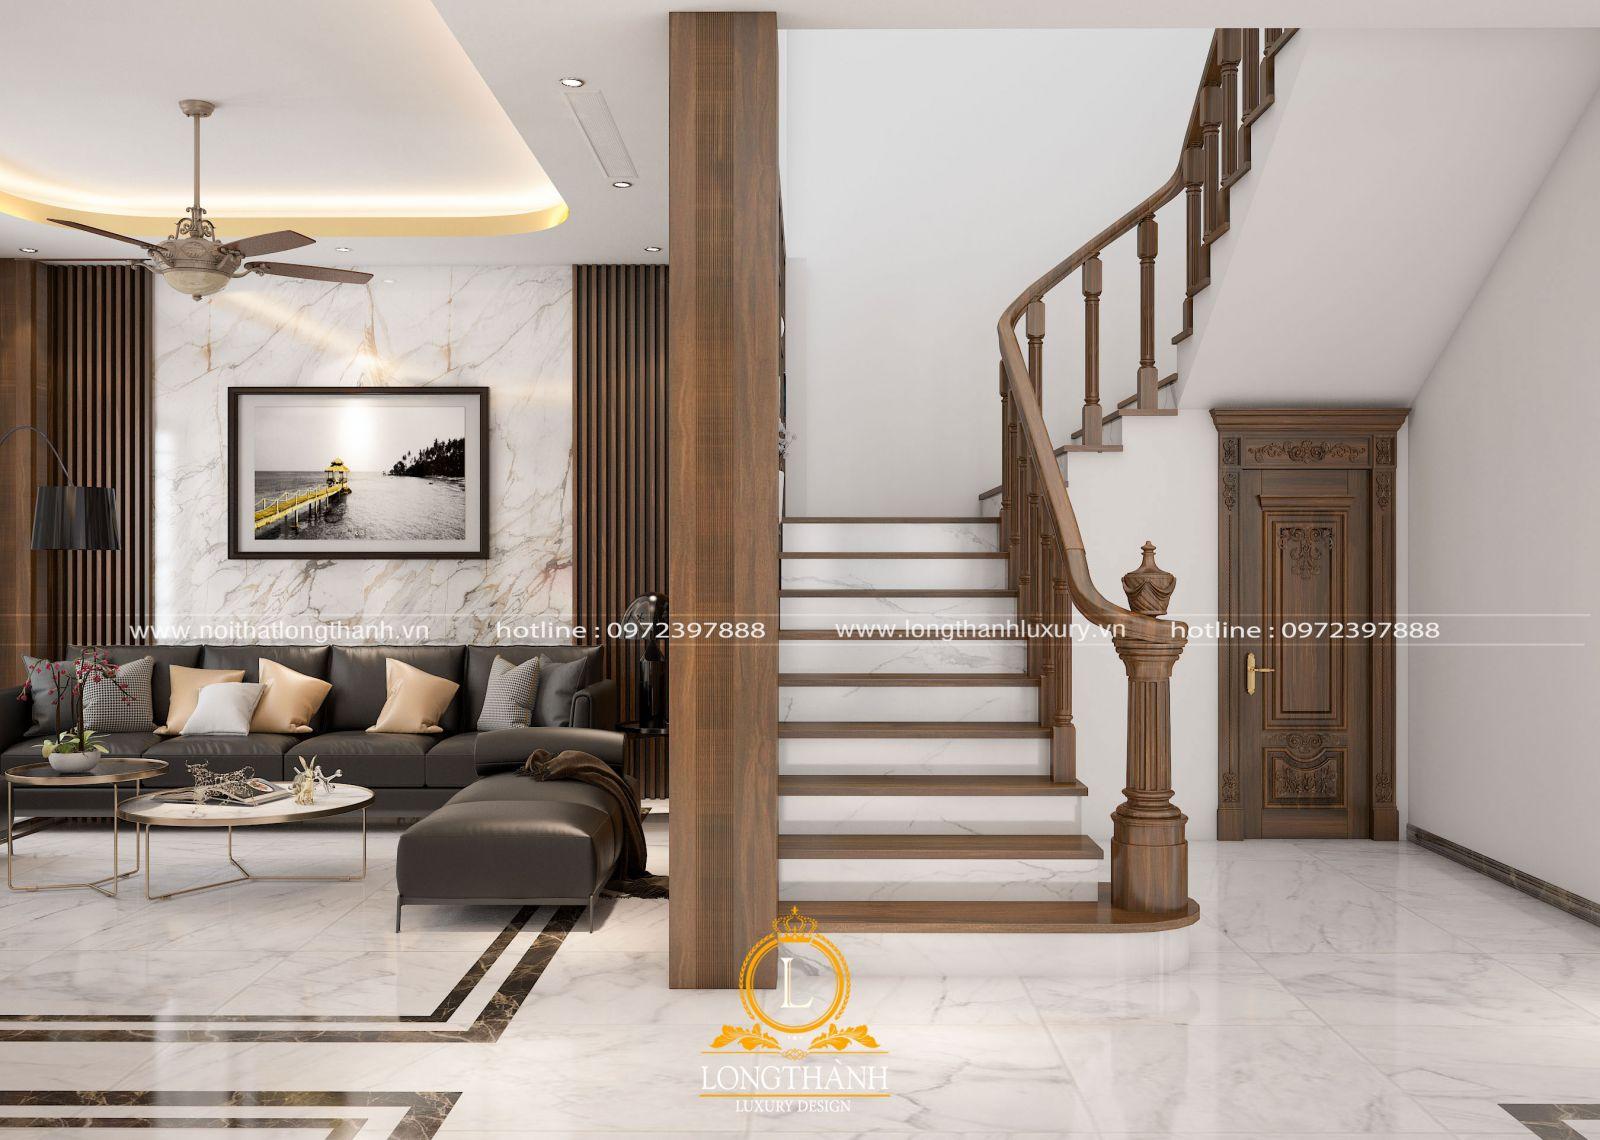 Góc quan sát không gian phòng khách hiện đại và diện cầu thang